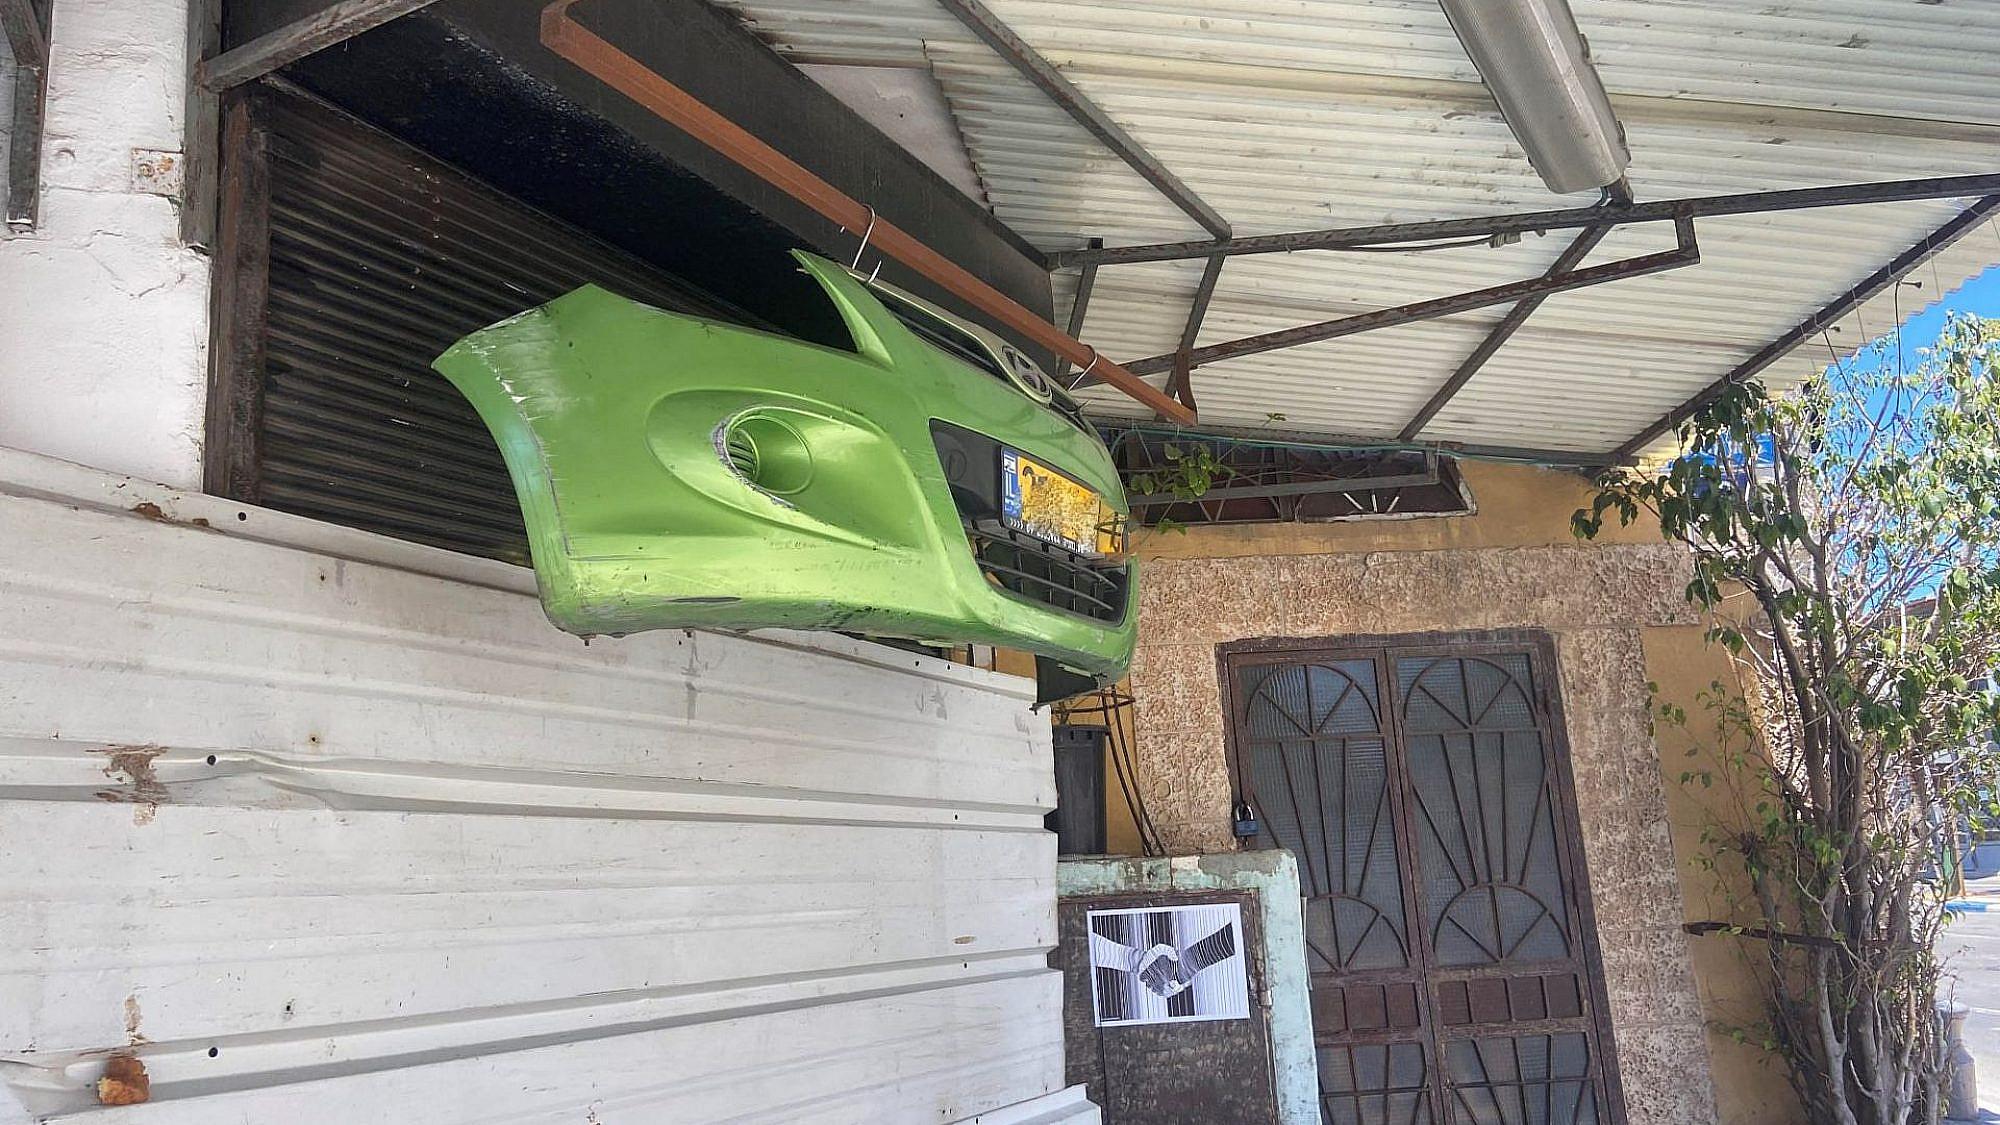 פגוש המכונית ביפו. צילום: נועה בונה